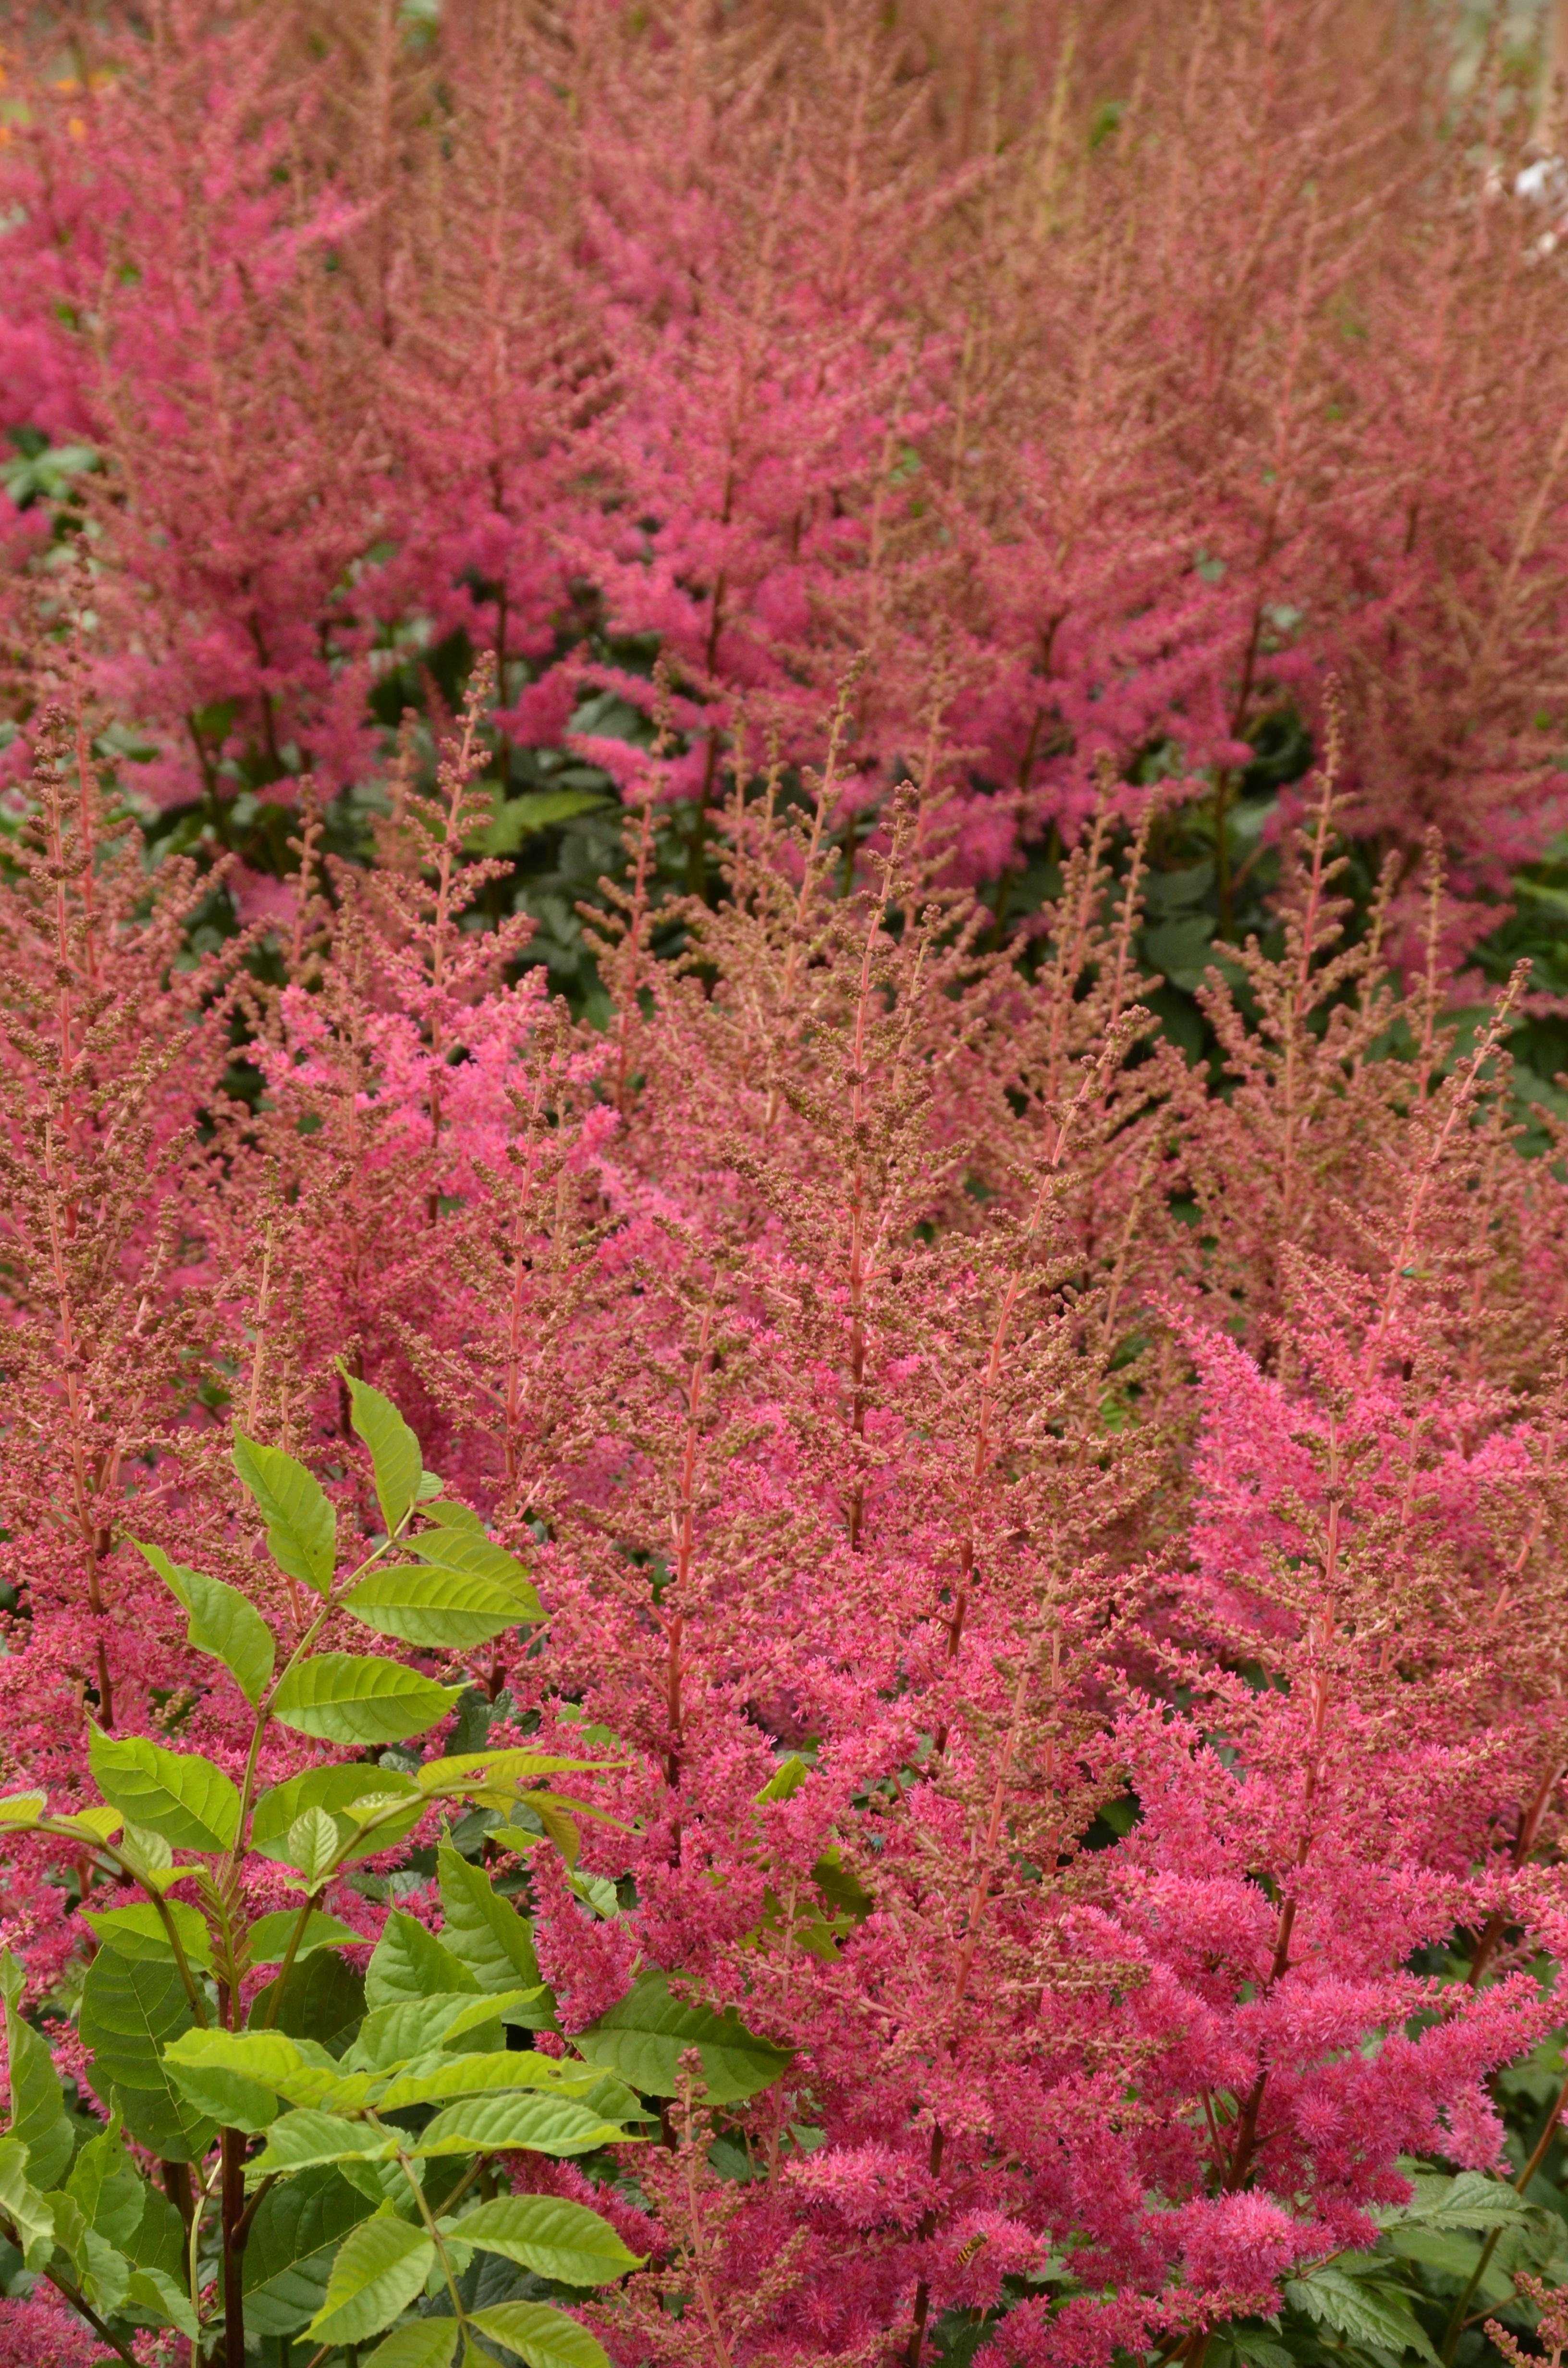 images gratuites : arbre, fleur, feuille, botanique, rose, flore